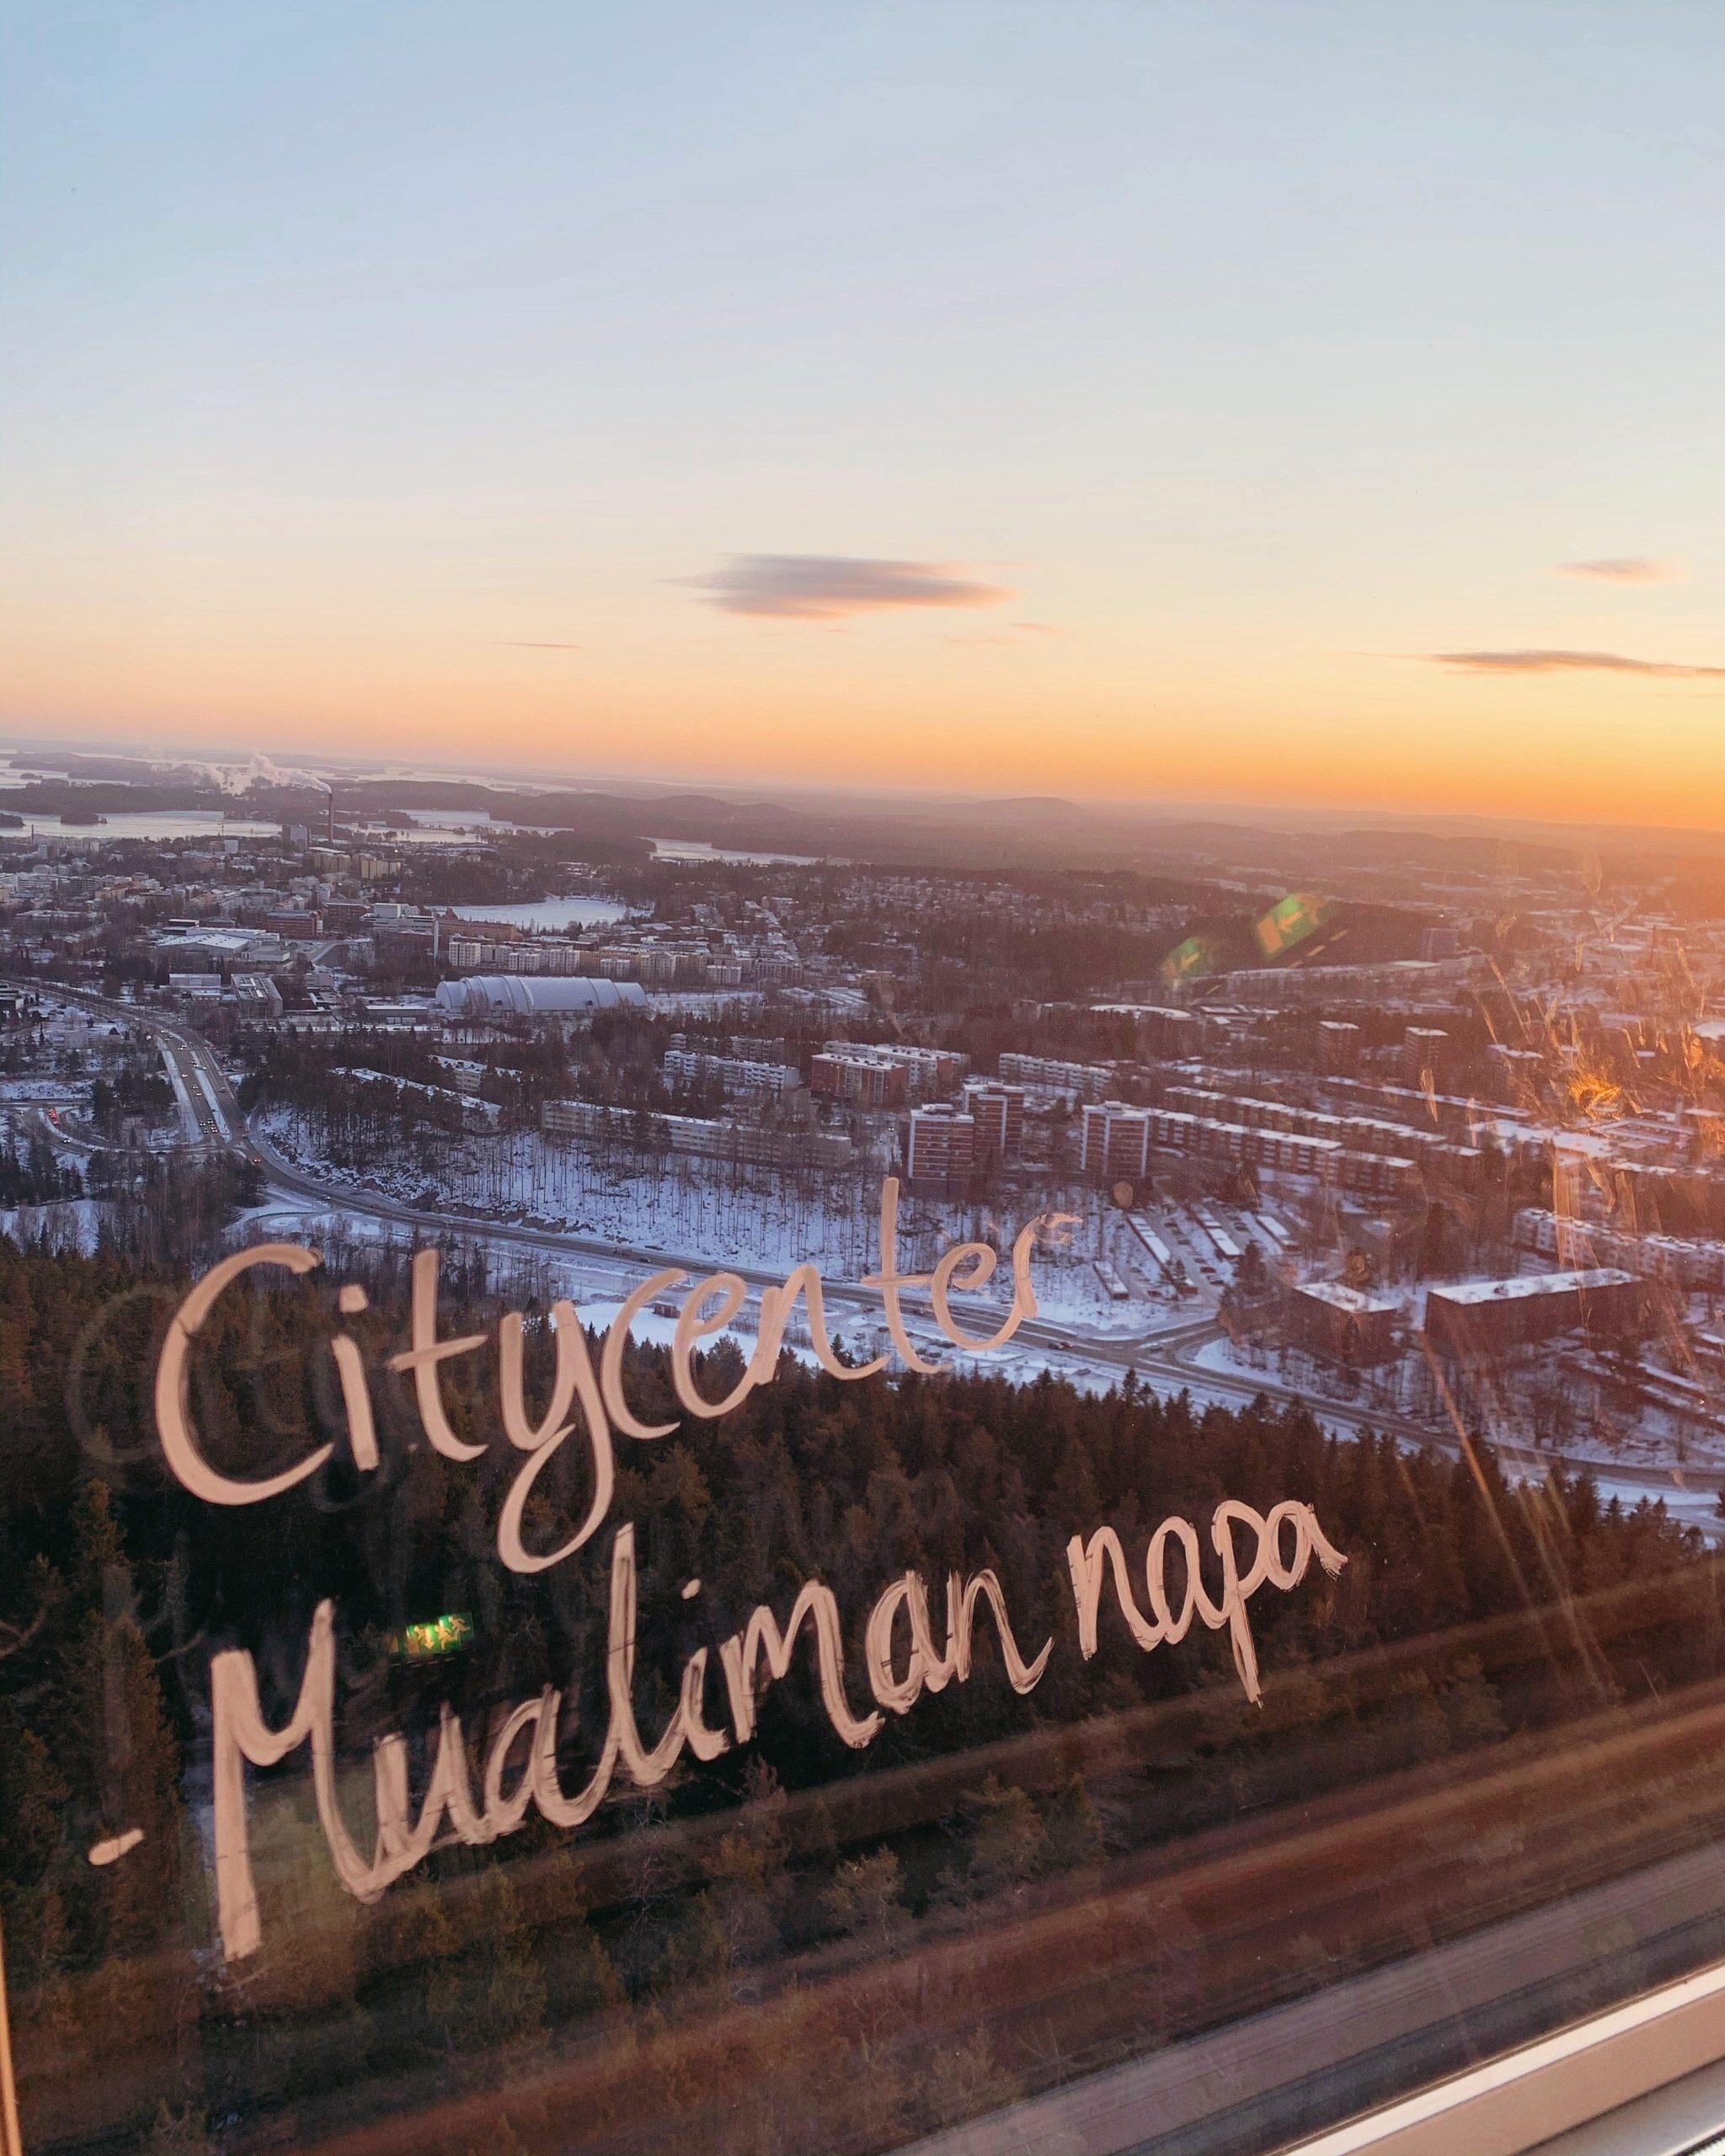 Kuopion Puijon tornista otettu kuva, lasissa teksti: Citycenter - Mualiman napa